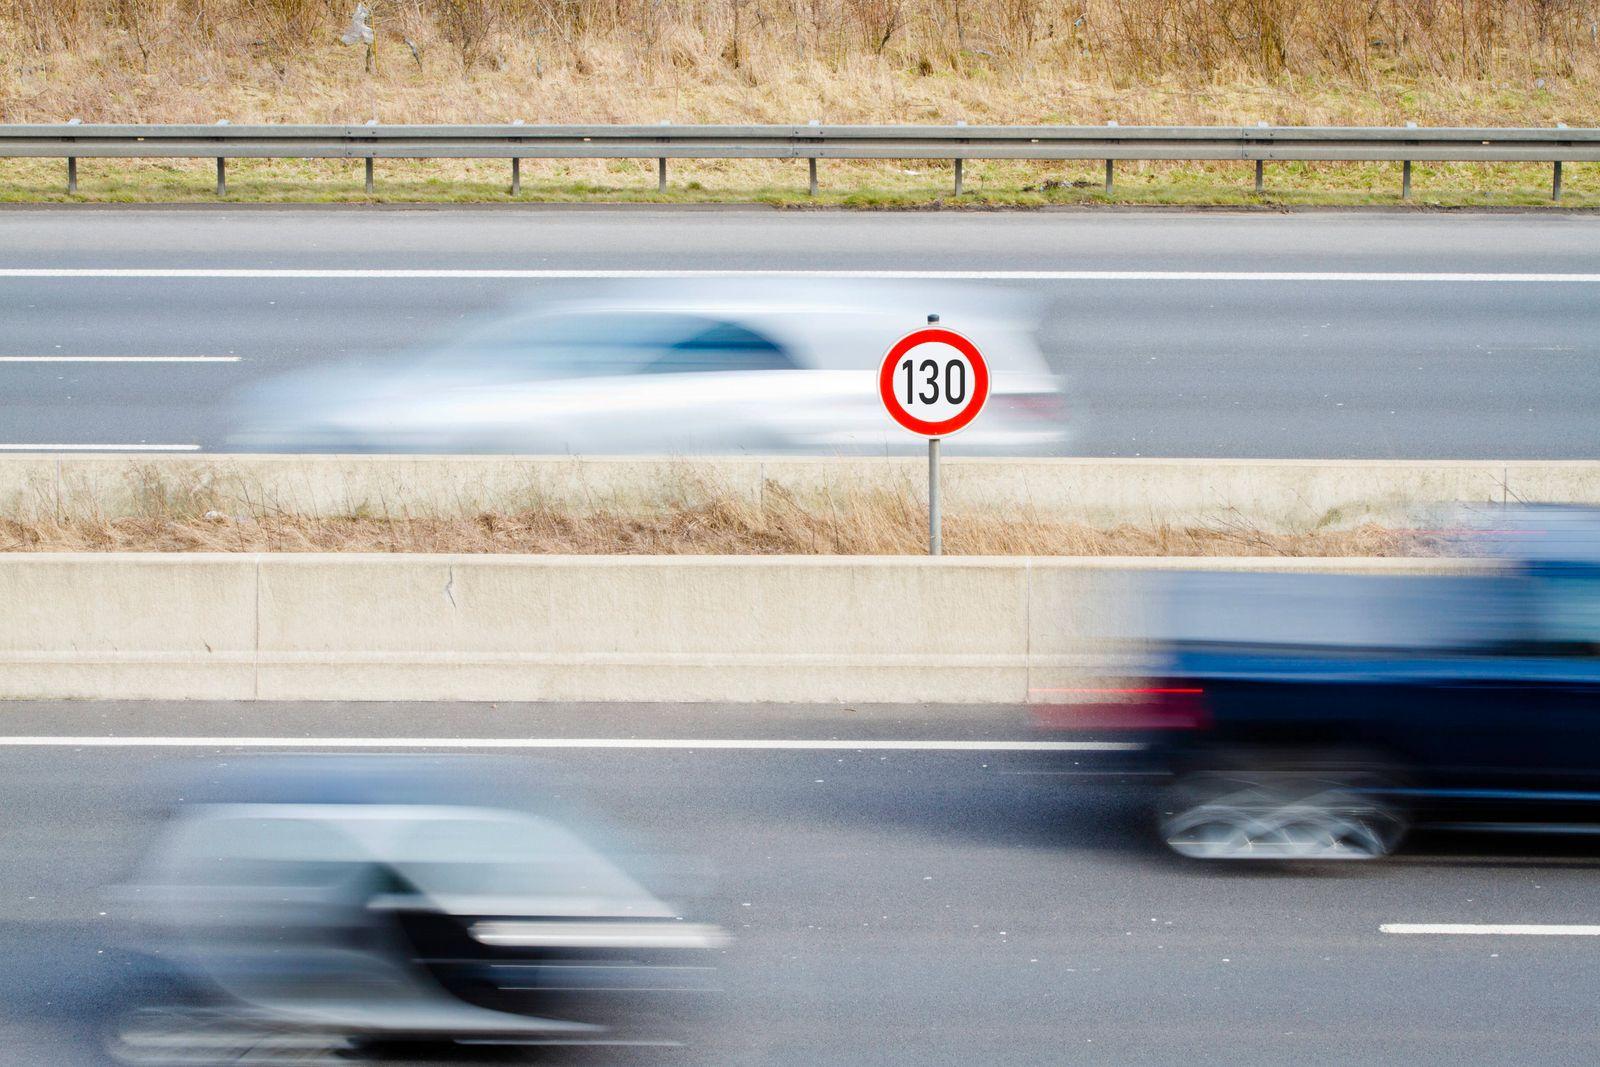 Tempo 130 auf deutschen Autobahnen, allgemeines Tempolimit, Geschwindigkeitsbegrenzungsschild 130 auf Autobahn mit vorb